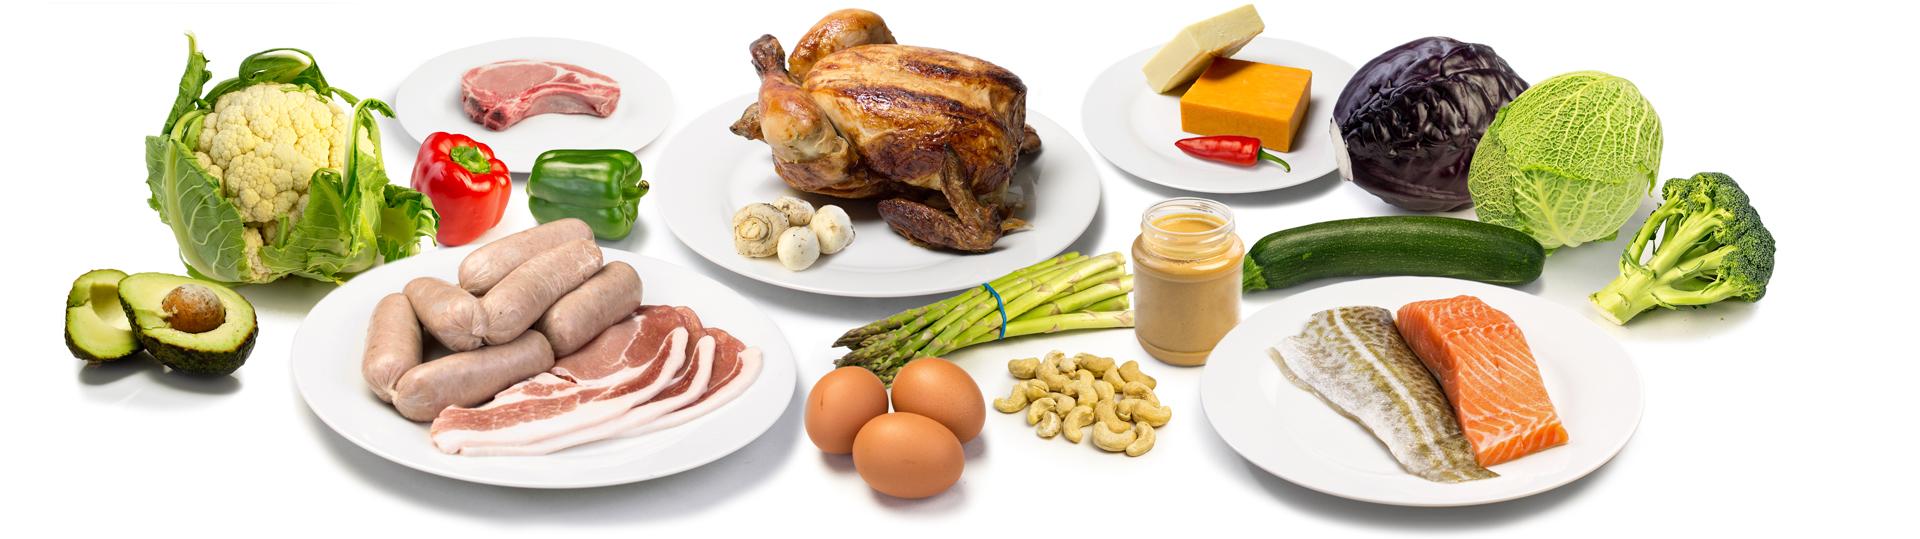 картинки по диетам разрешенные продукты